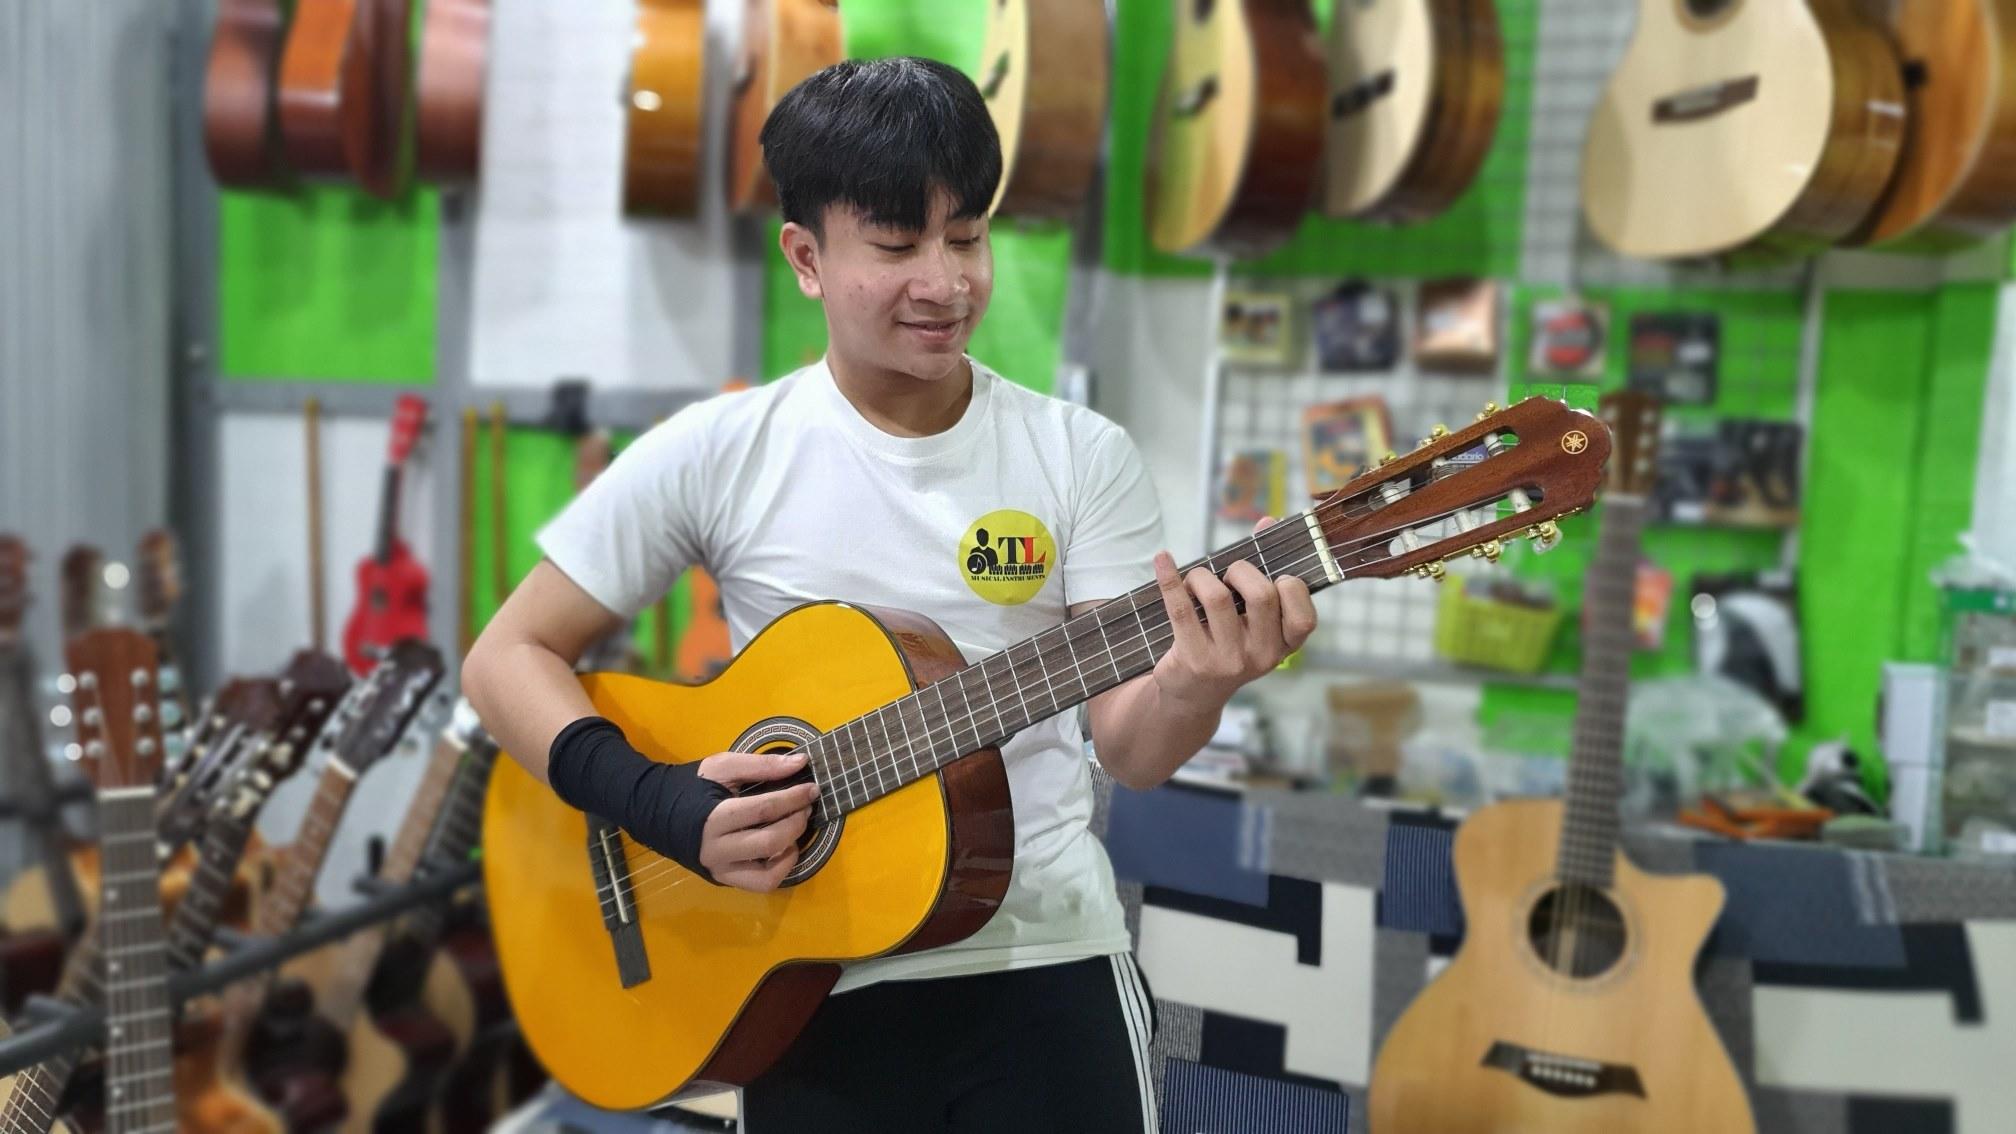 Kinh nghiệm chọn Đàn Guitar cho người mới bắt đầu cần phải biết